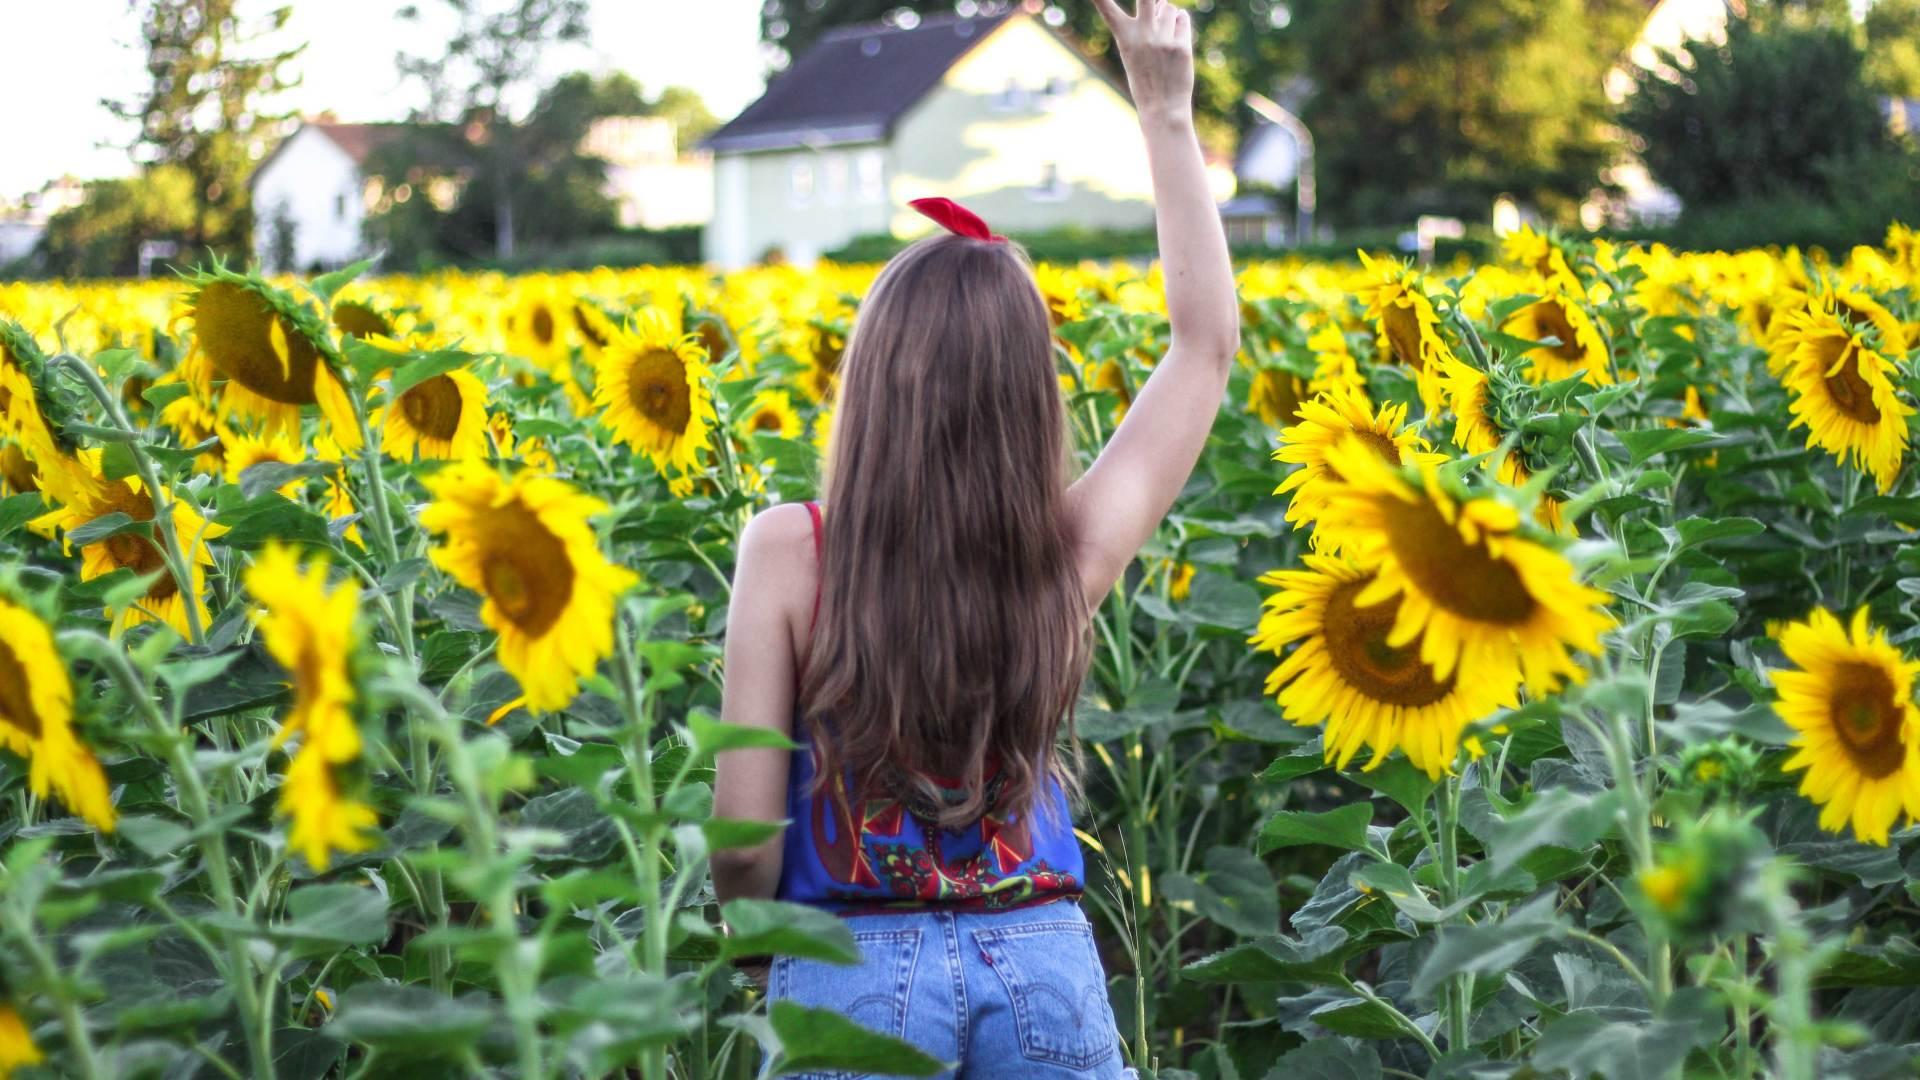 Haare schneller wachsen lassen: Diese Mittel beschleunigen das Haarwachstum